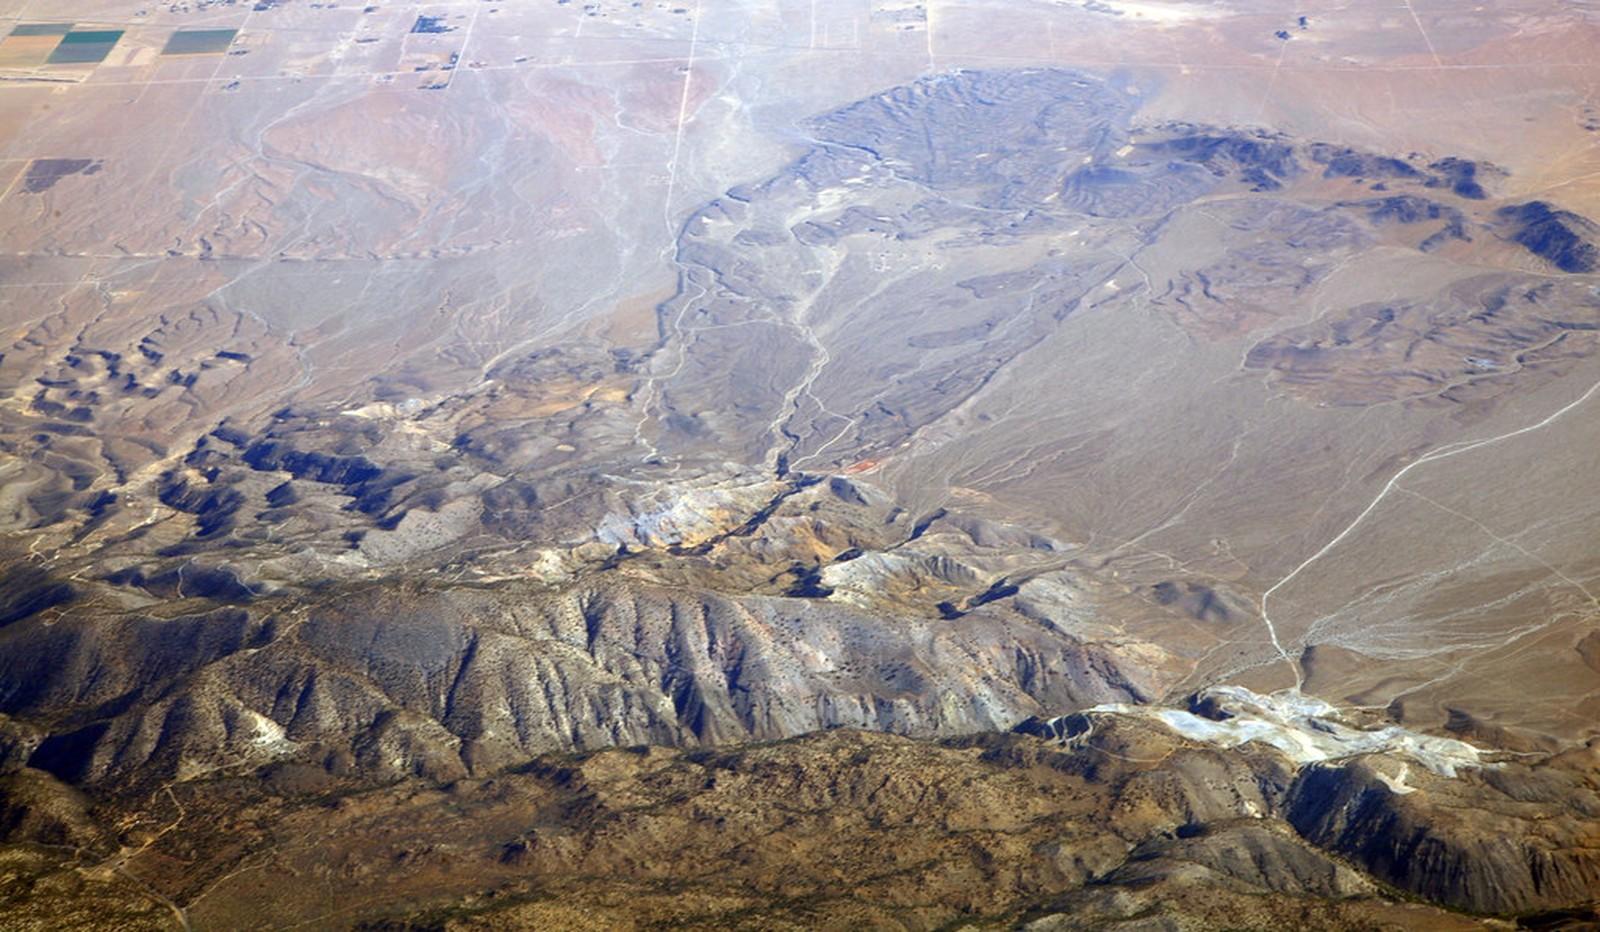 Terremoto de escala 7,1 graus deixa Califôrnia em pânico – Entenda a temida falha de San Andreas que causa a instabilidade sísmica